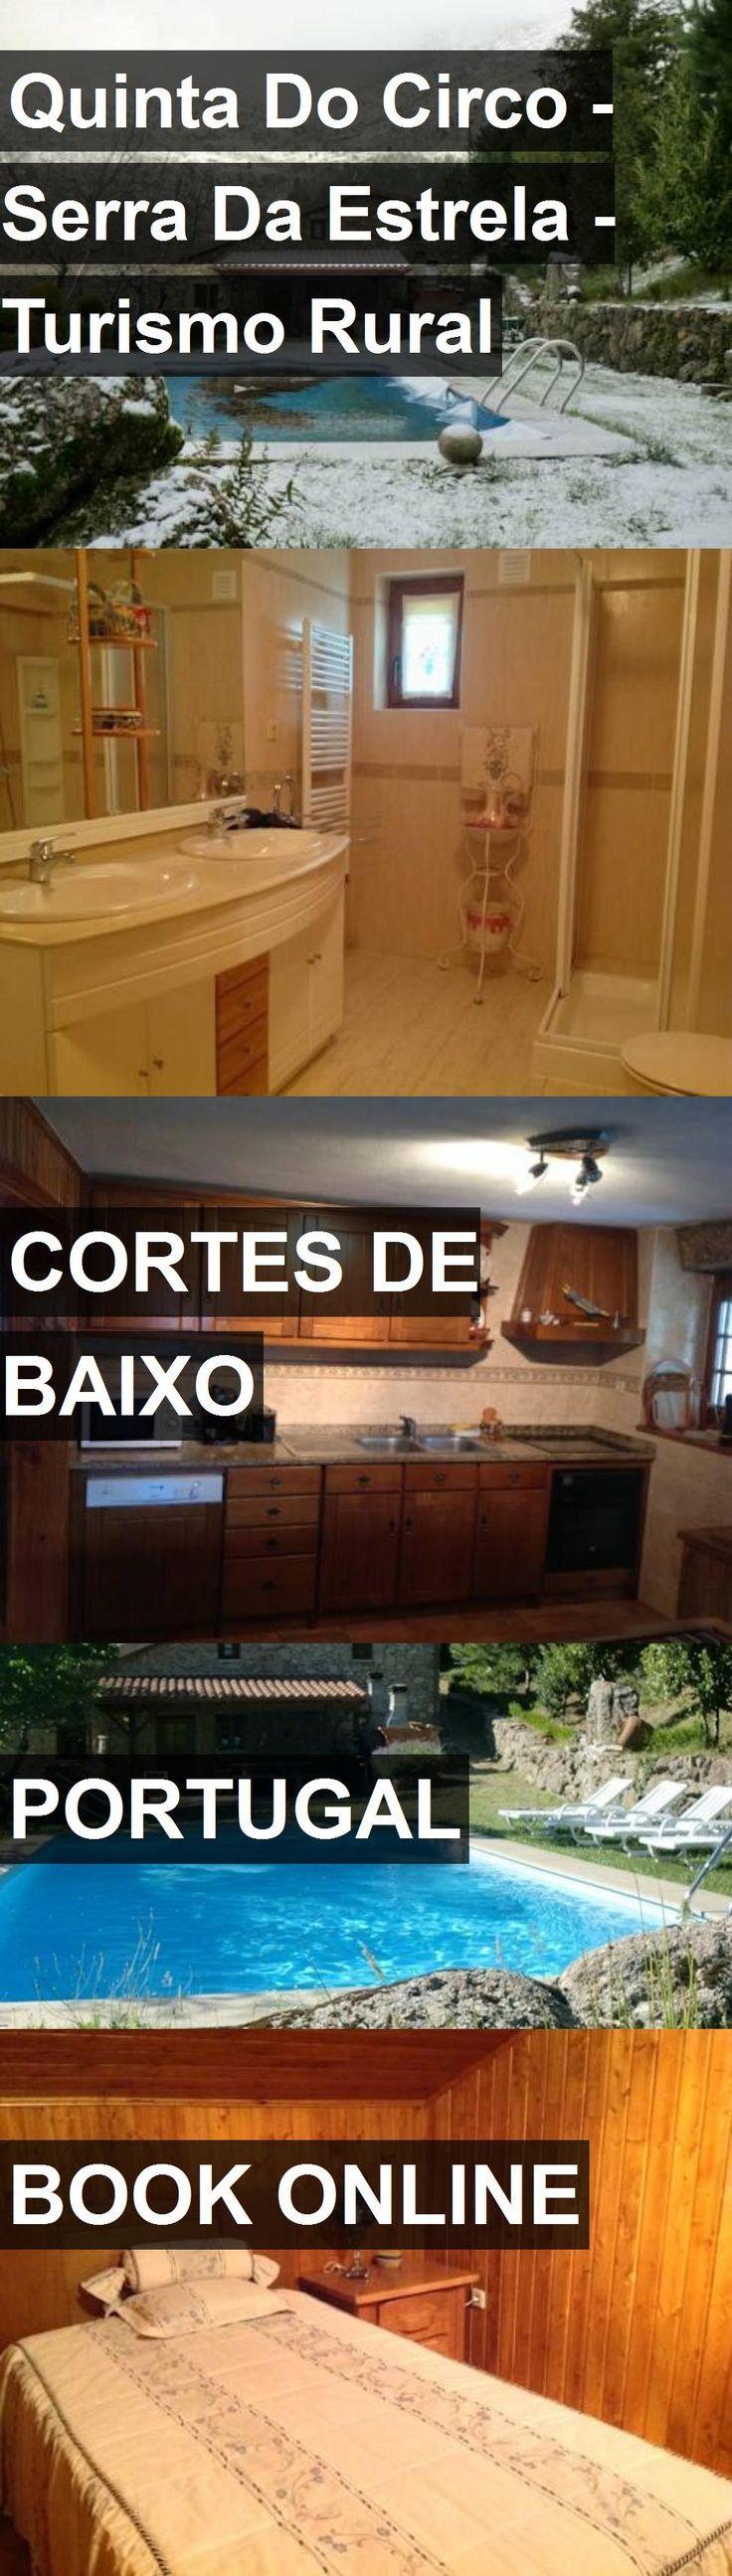 Hotel Quinta Do Circo - Serra Da Estrela - Turismo Rural in Cortes de Baixo, Portugal. For more information, photos, reviews and best prices please follow the link. #Portugal #CortesdeBaixo #QuintaDoCirco-SerraDaEstrela-TurismoRural #hotel #travel #vacation